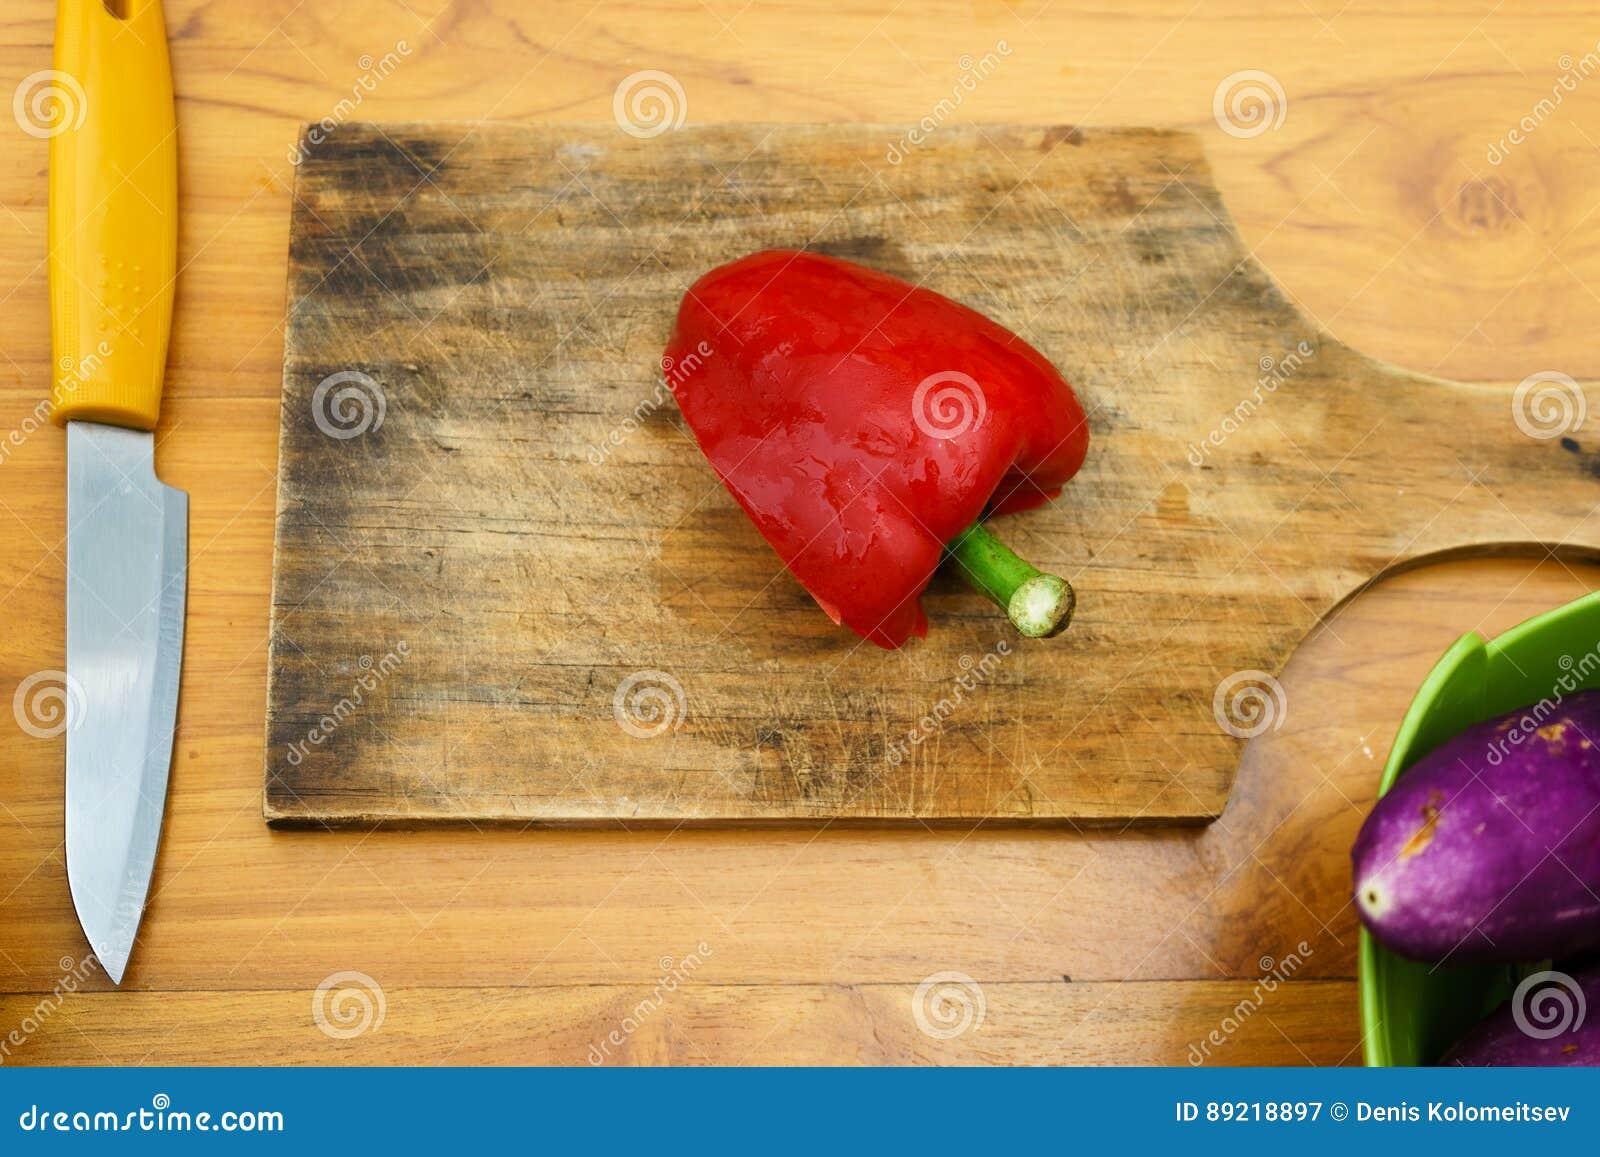 Kulinarny warsztat blisko sałatka wystrzelona w górę warzywa